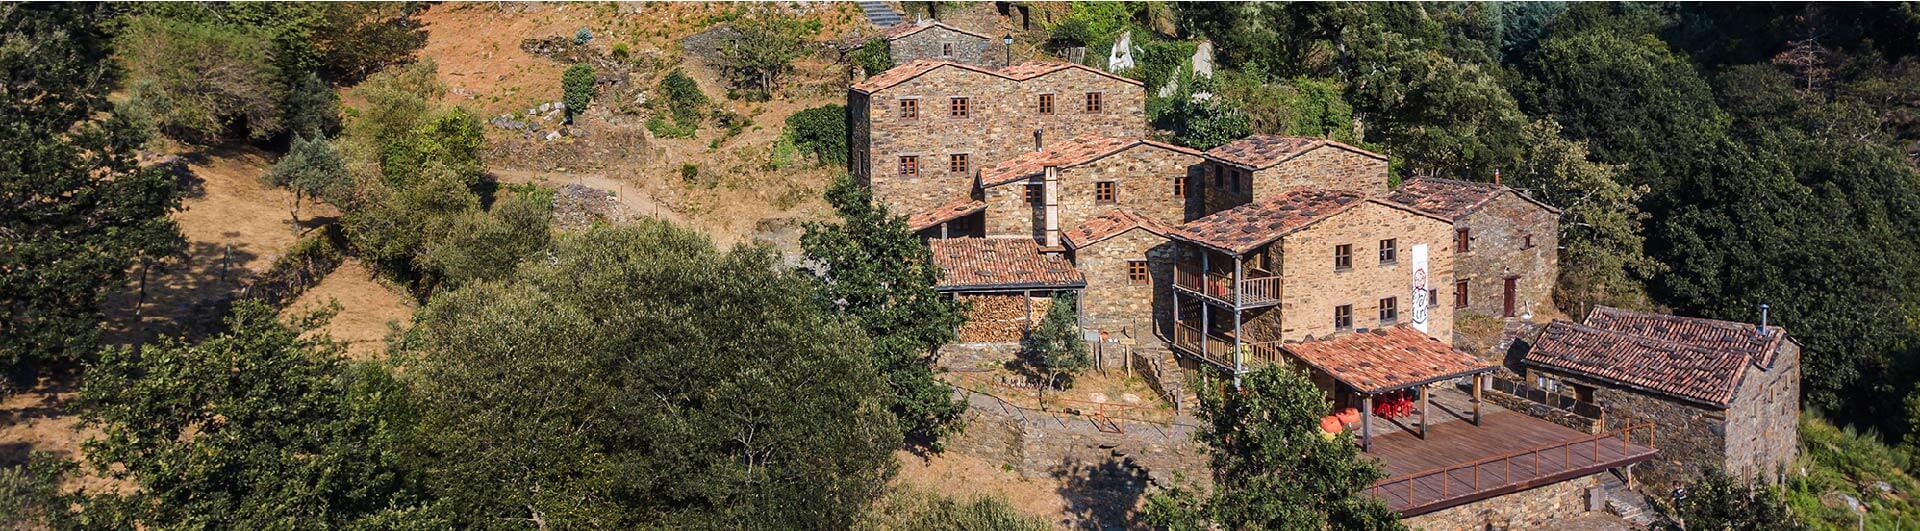 artistic-residency-cerdeira-portugal.jpg